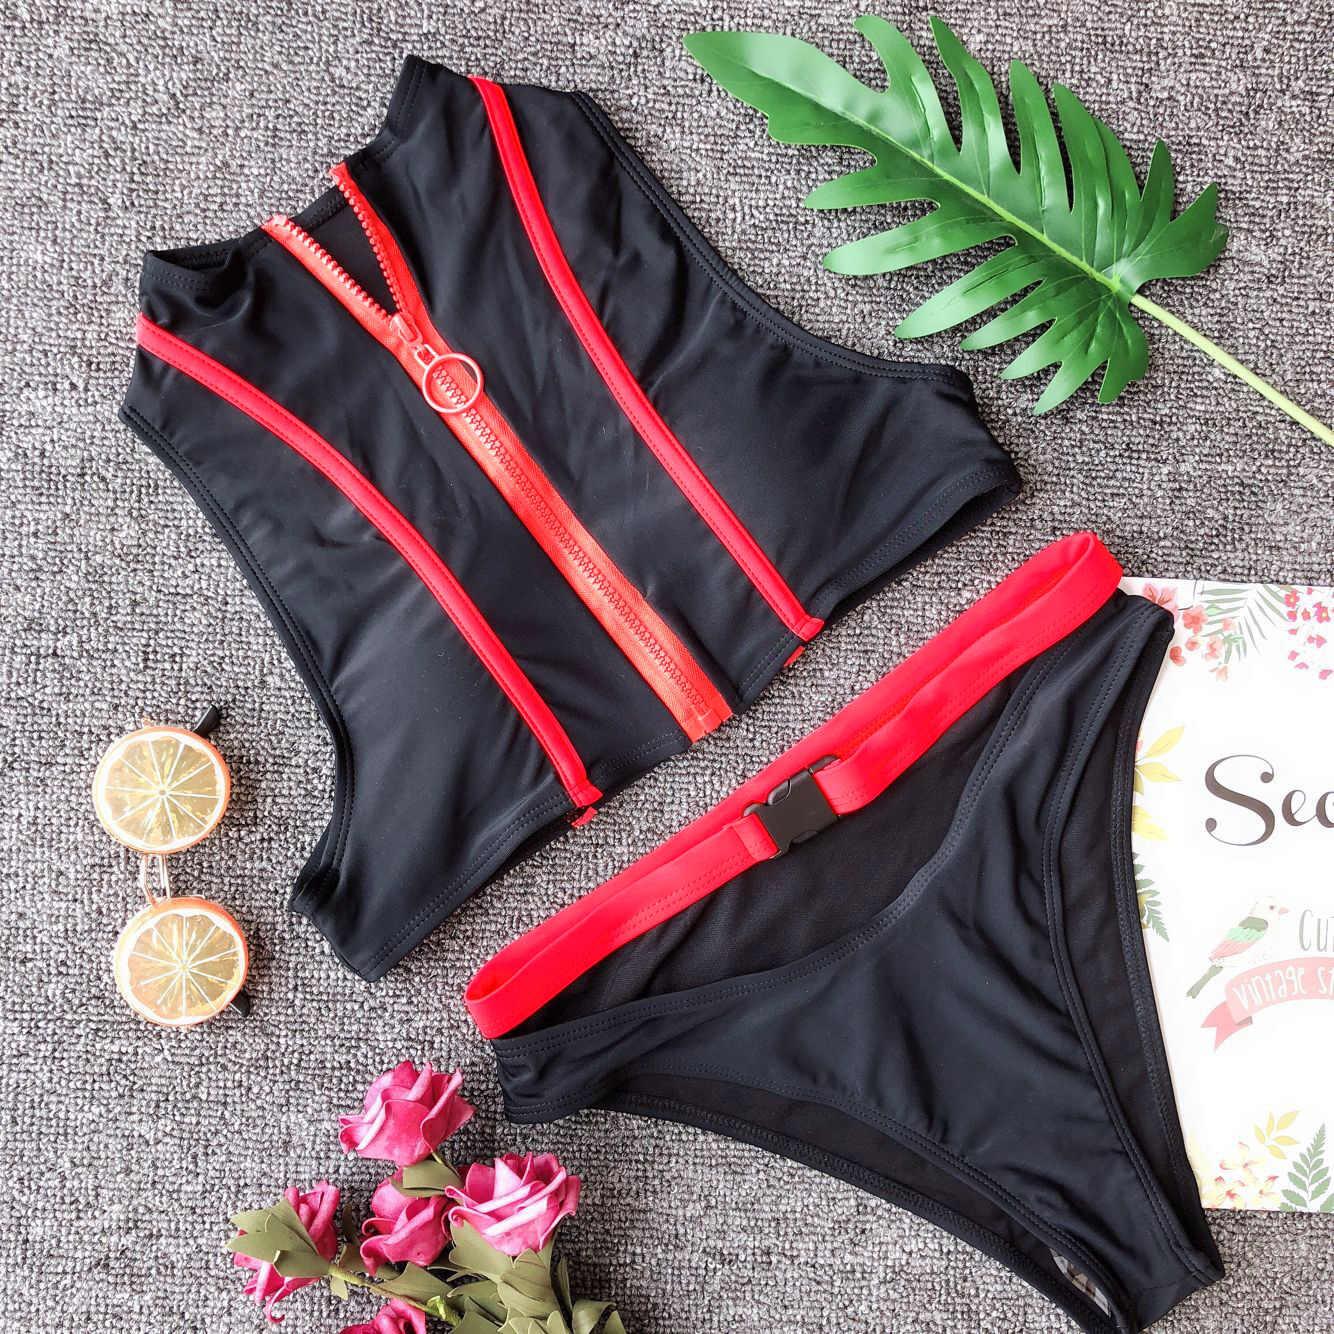 Женский купальник на молнии, купальник 2020, из кусков, с пряжкой, бикини, низ, купальник, женский купальник, бикини, Бразильская пляжная одежда